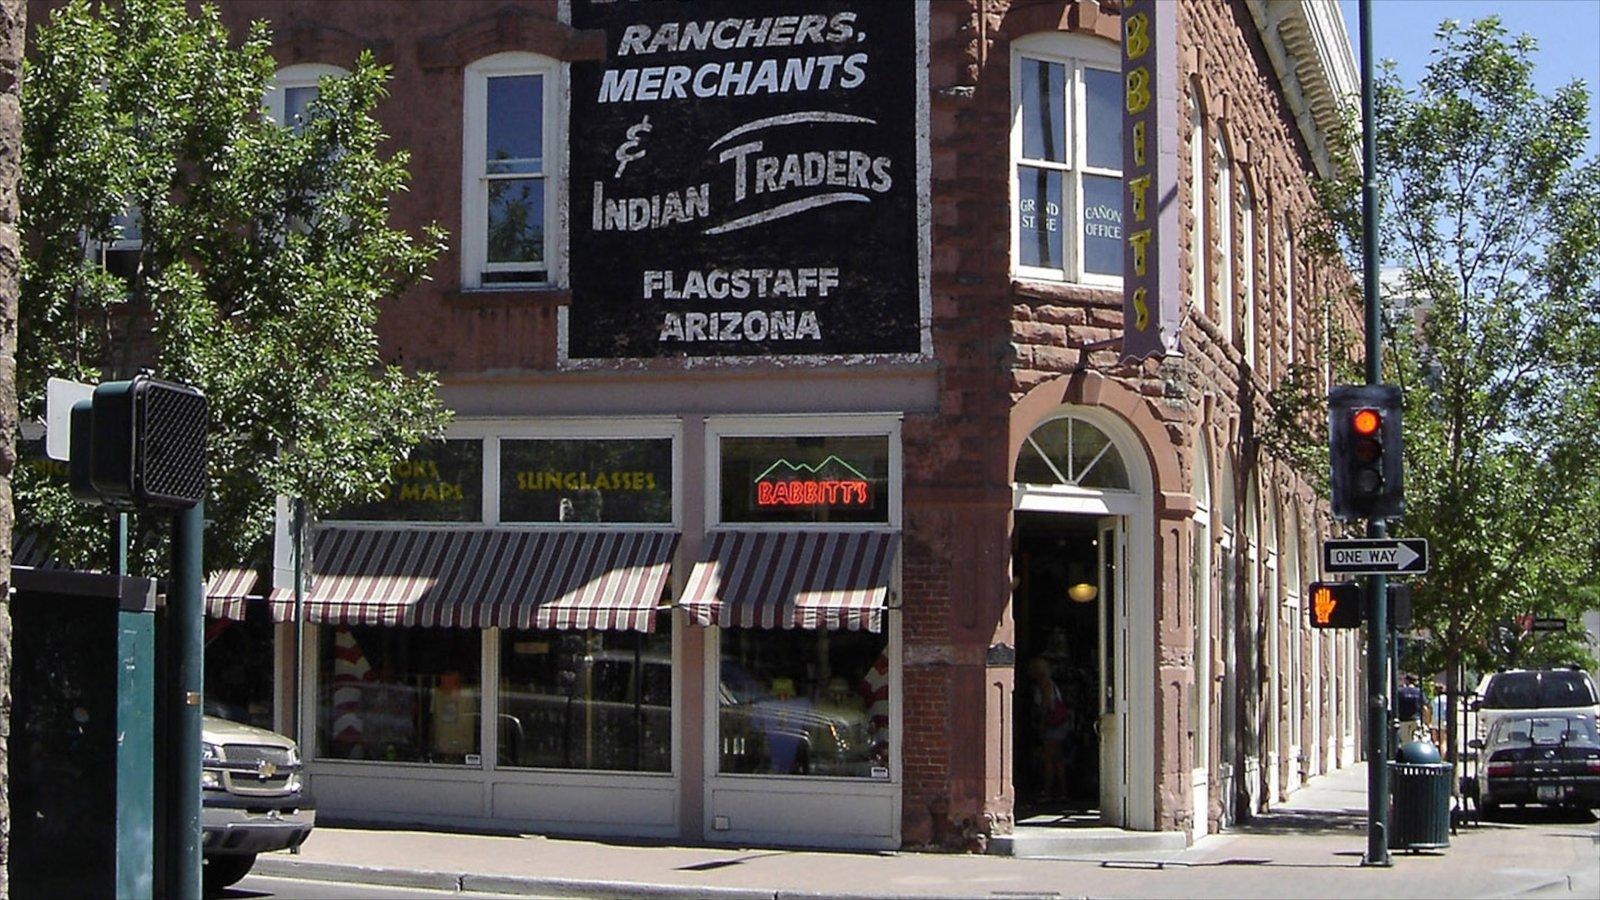 Flagstaff caracterizando cenas de rua, sinalização e uma cidade